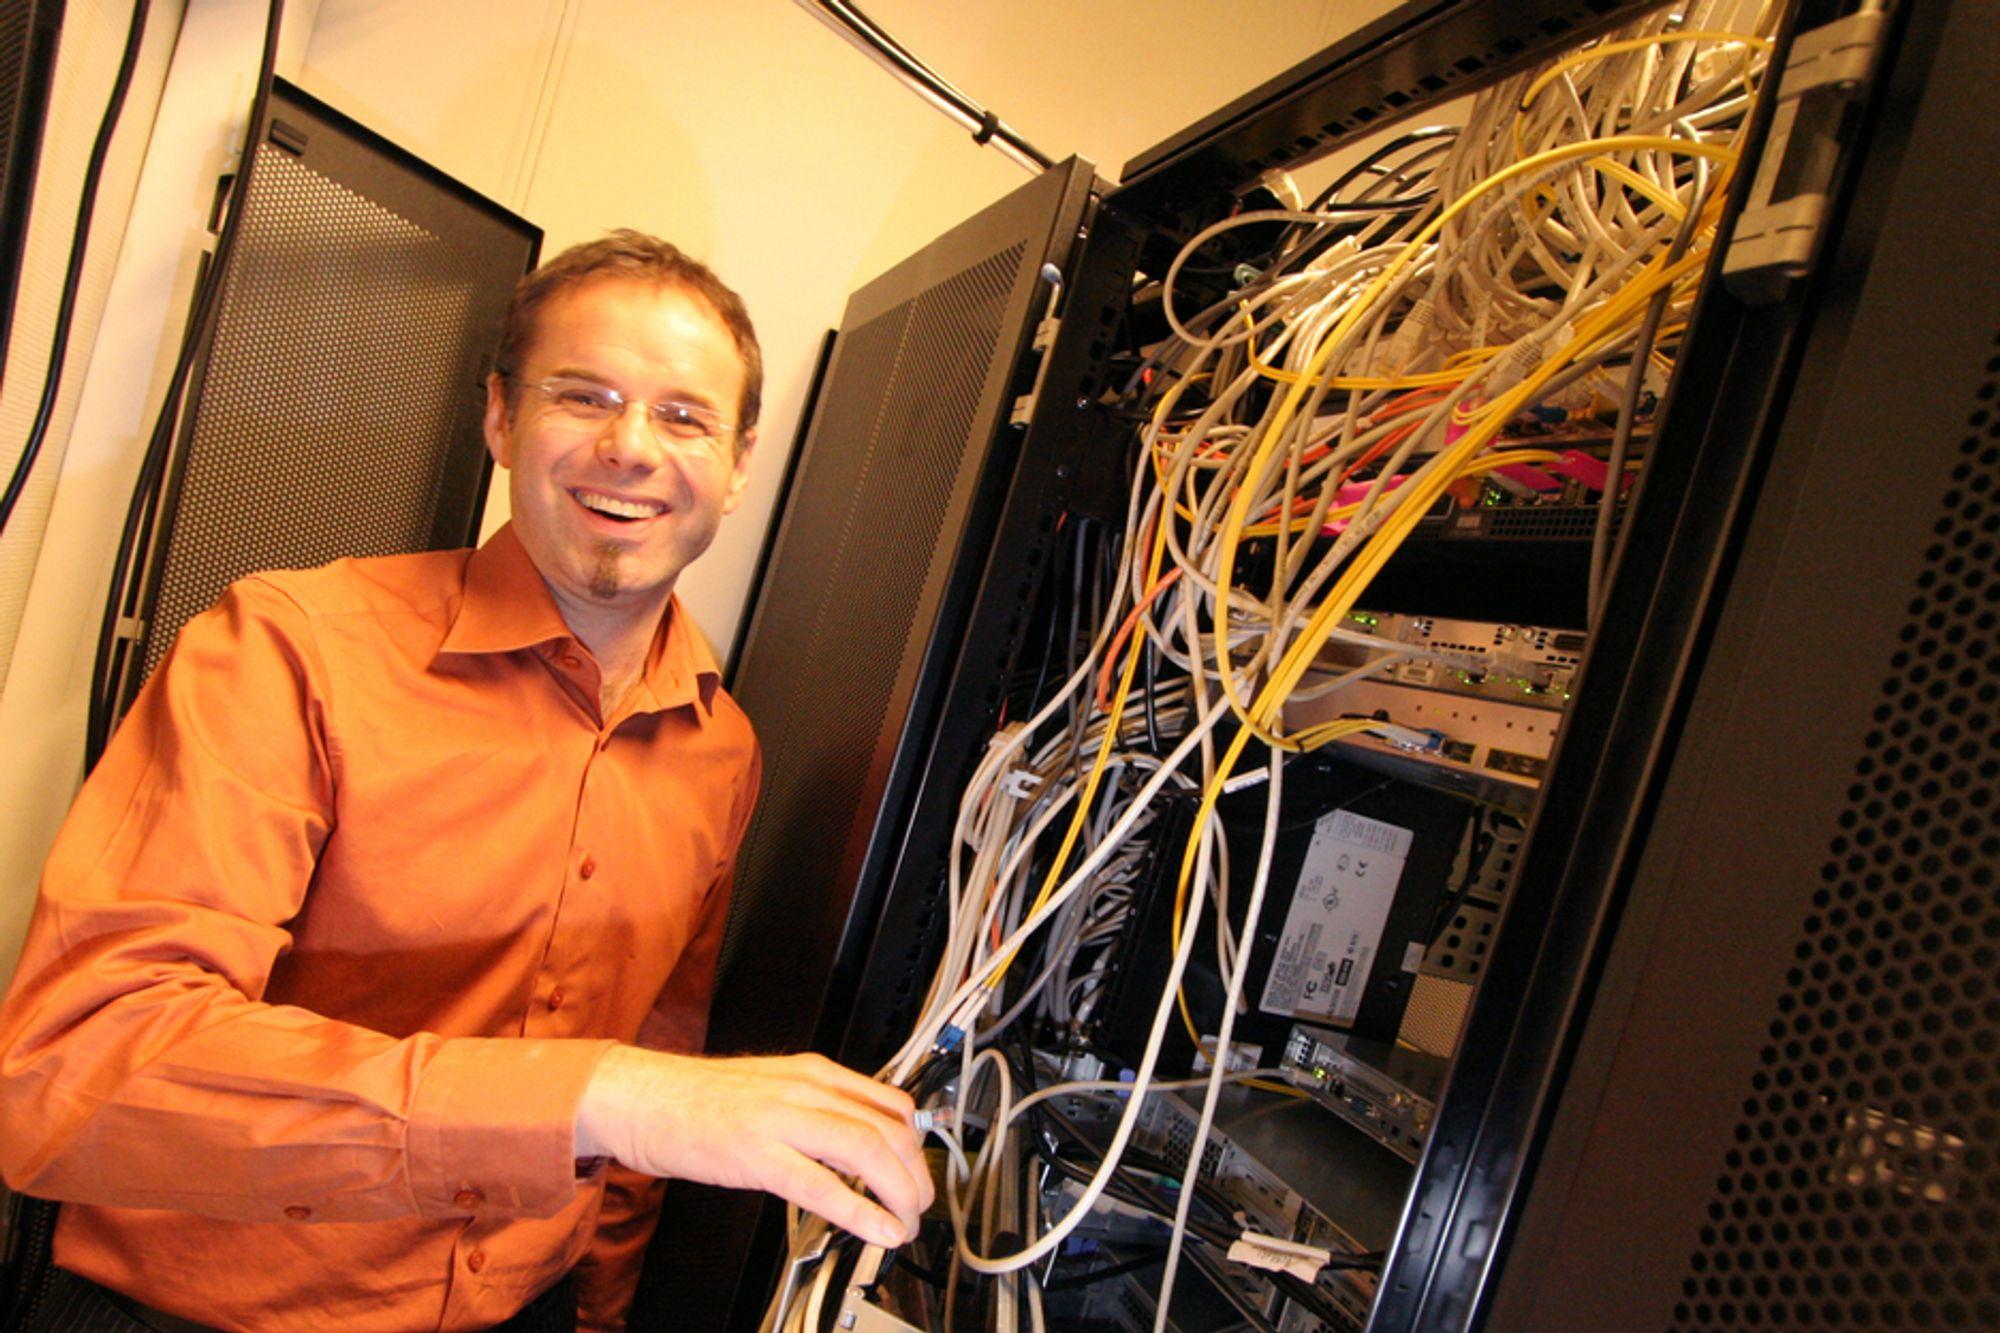 VANT I BREDBÅNDSLOTTO: Direktør Trond Arne Kongsli i Bredbåndsfylket Troms kan nå plalegge full utbygging av fibernettene i sitt ditrikt. Her er han fotografert på et av serverrommene deres i Tromsø.